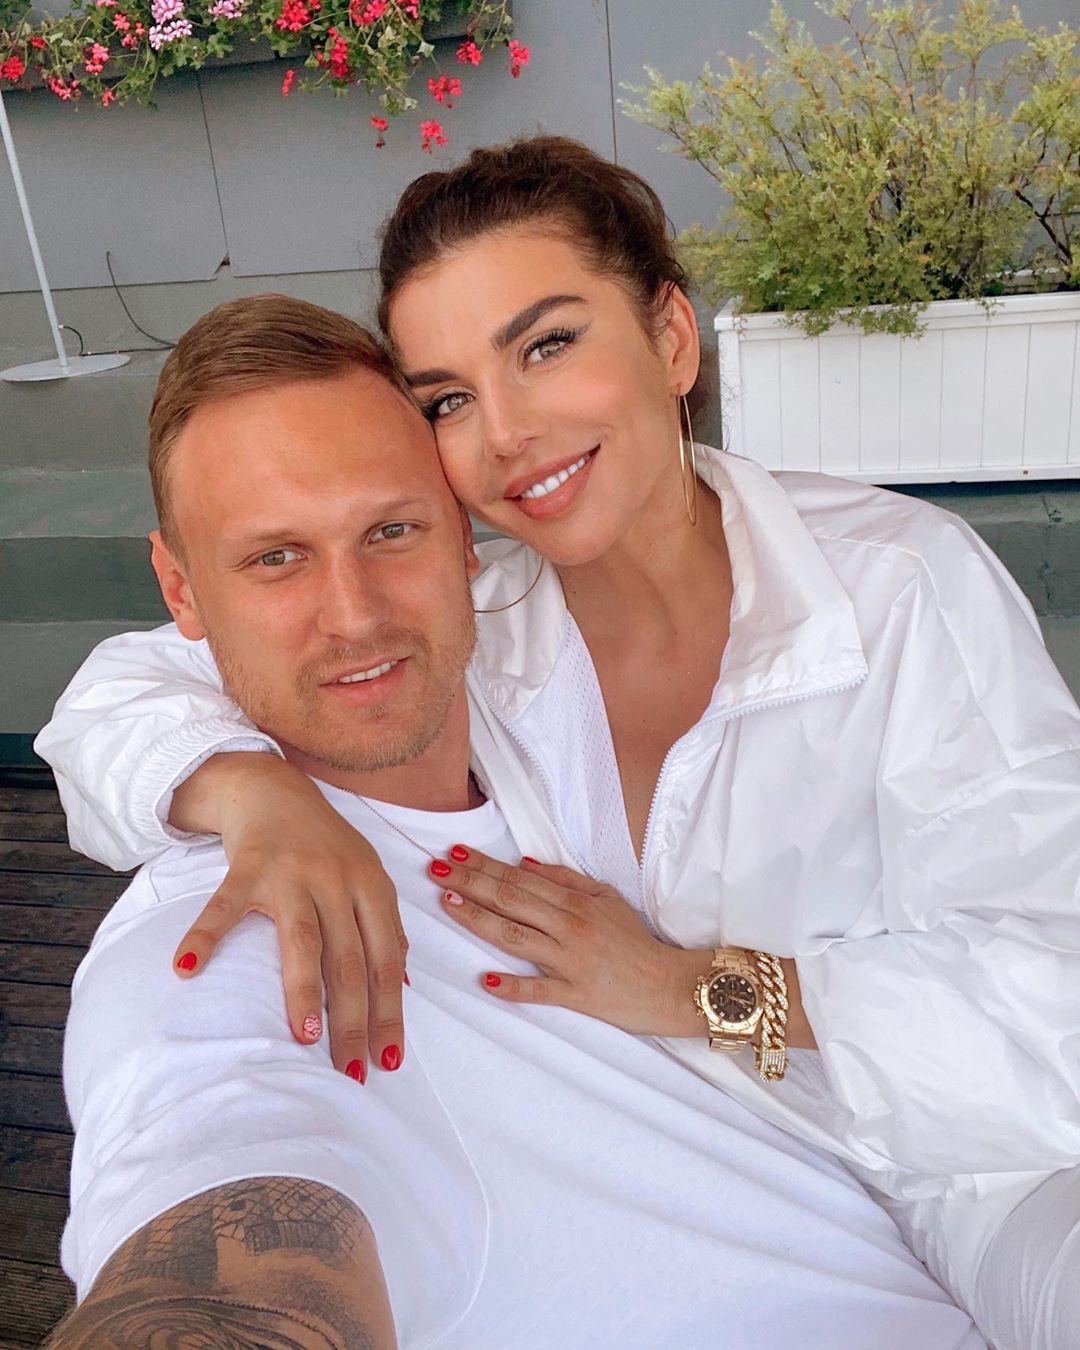 Свадьбе быть! Анна Седокова готовится стать женой Яниса Тиммы